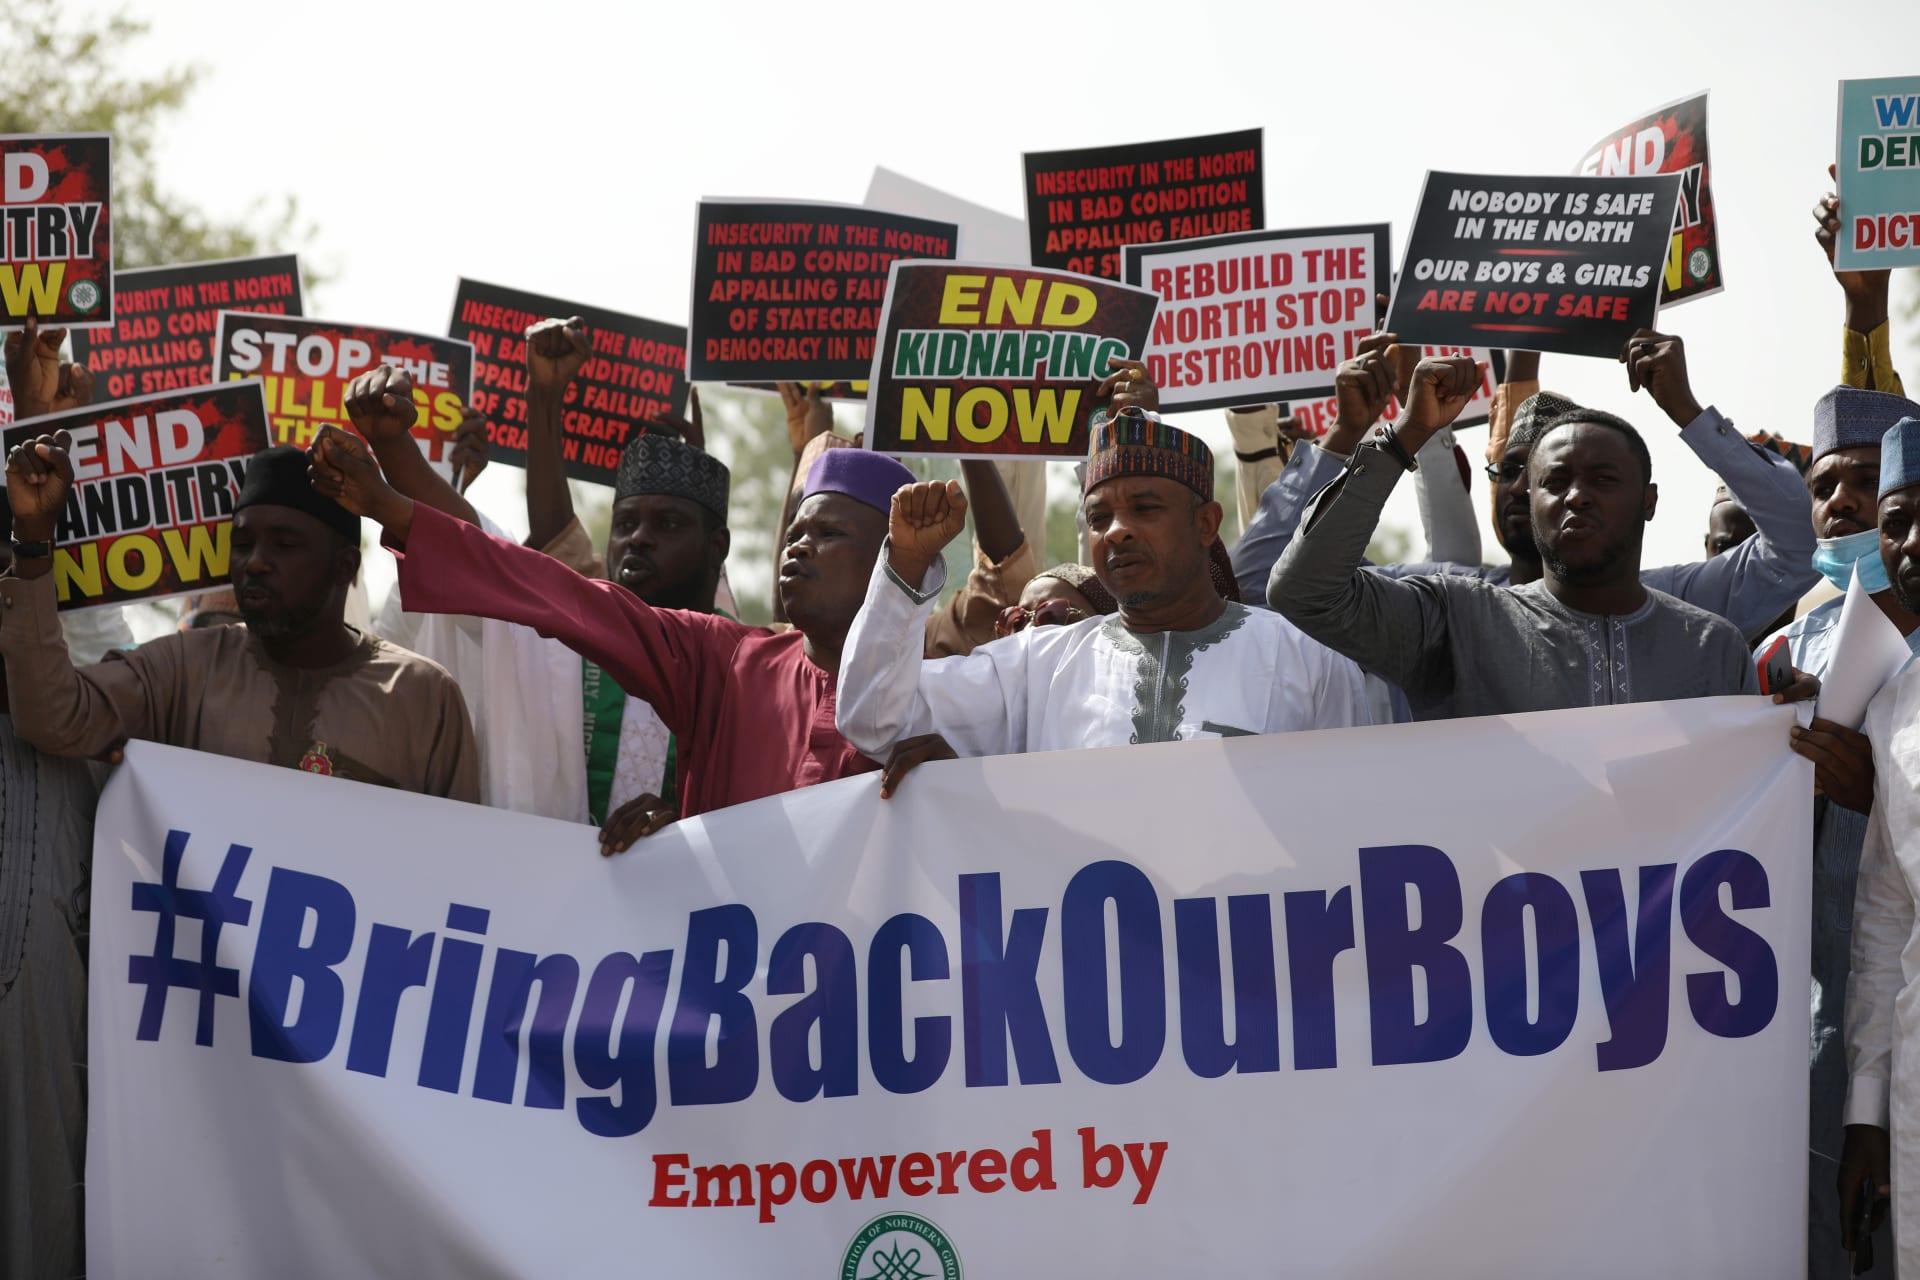 مسؤول حكومي: إطلاق سراح 344 صبيا نيجيريا مختطفا